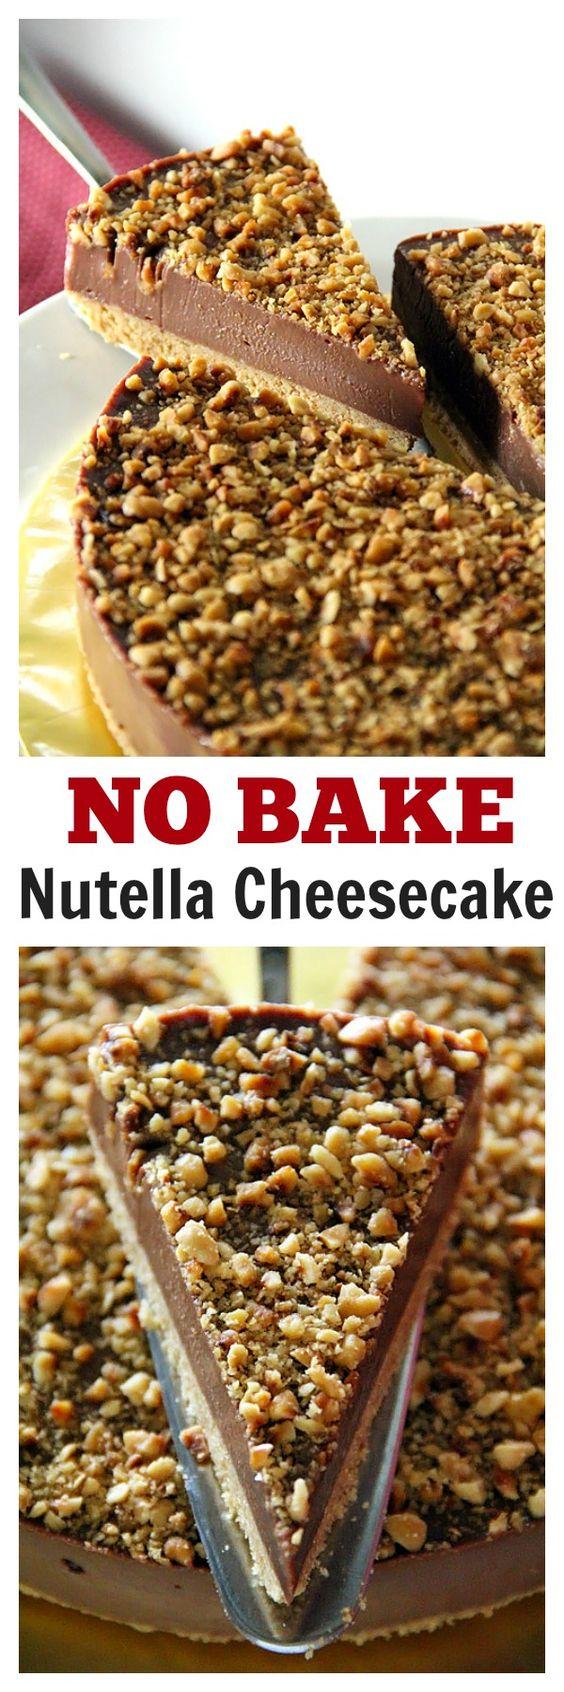 Nutella Cheesecake Recipe Nutella Cheesecake Gluten